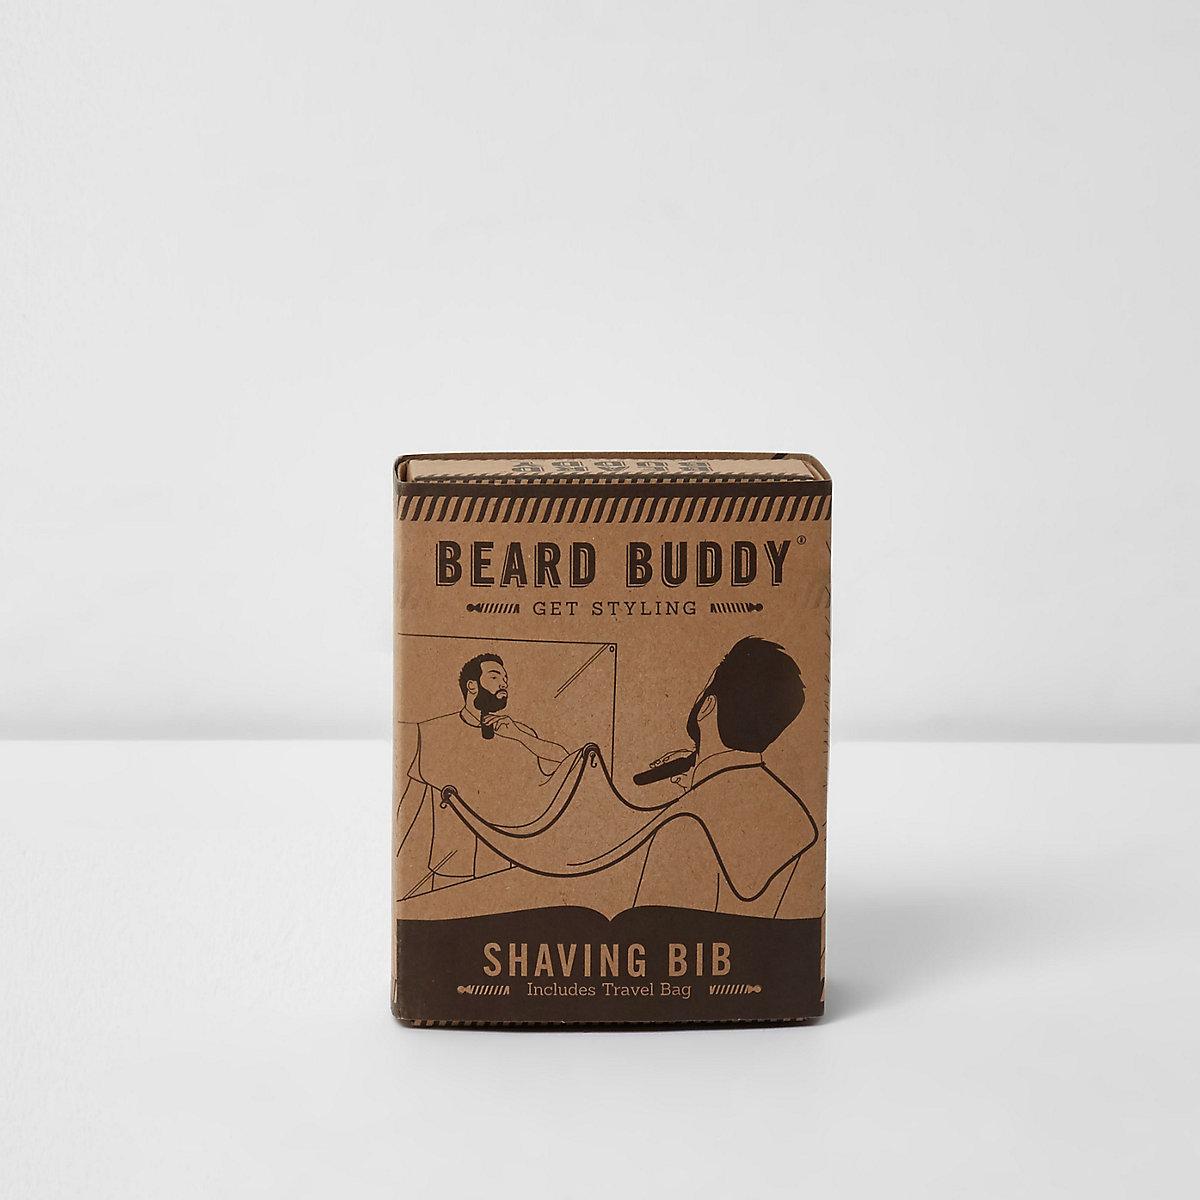 Black beard buddy shaving bib